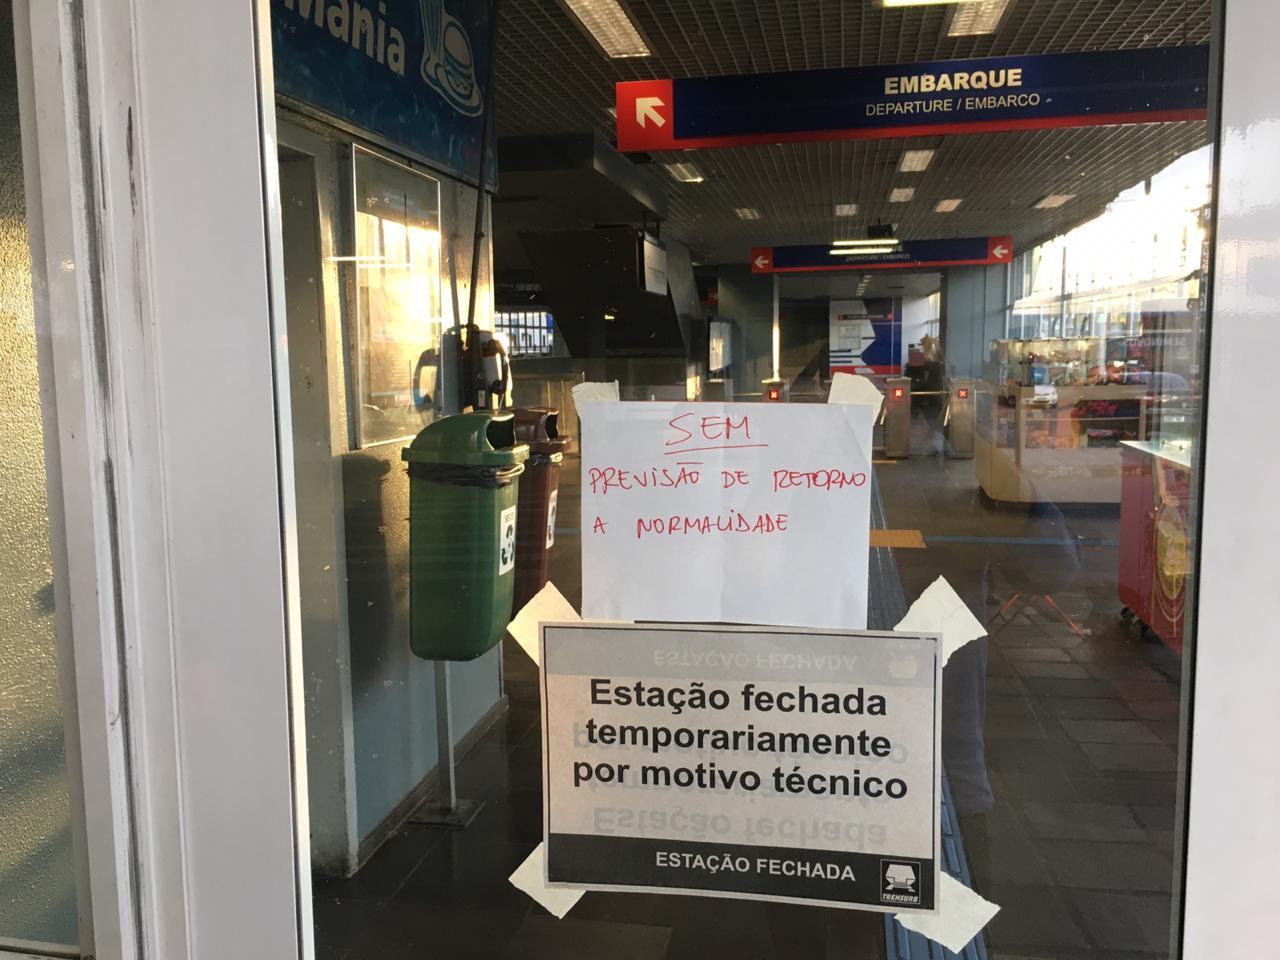 Estação fechada Trensurb